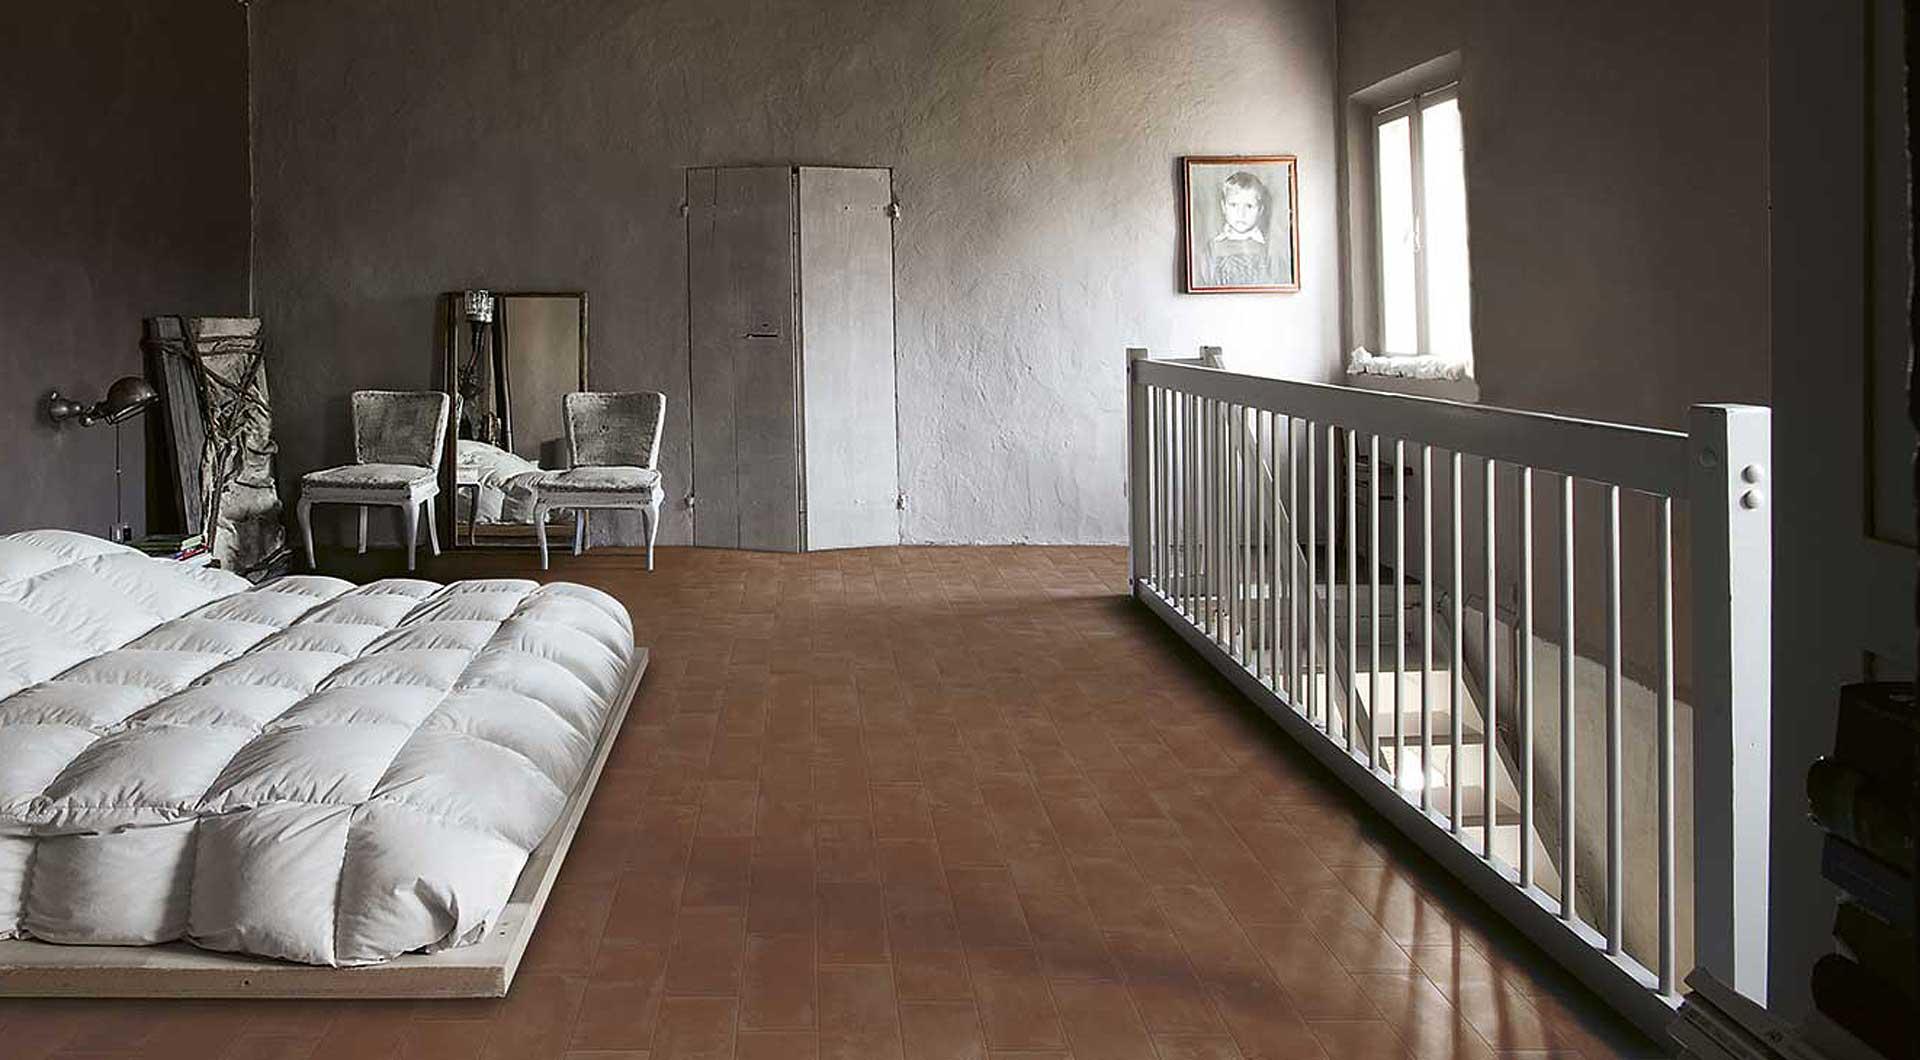 marazzi_cotti_ditalia_natalucci-amore-autentico-per-il-design